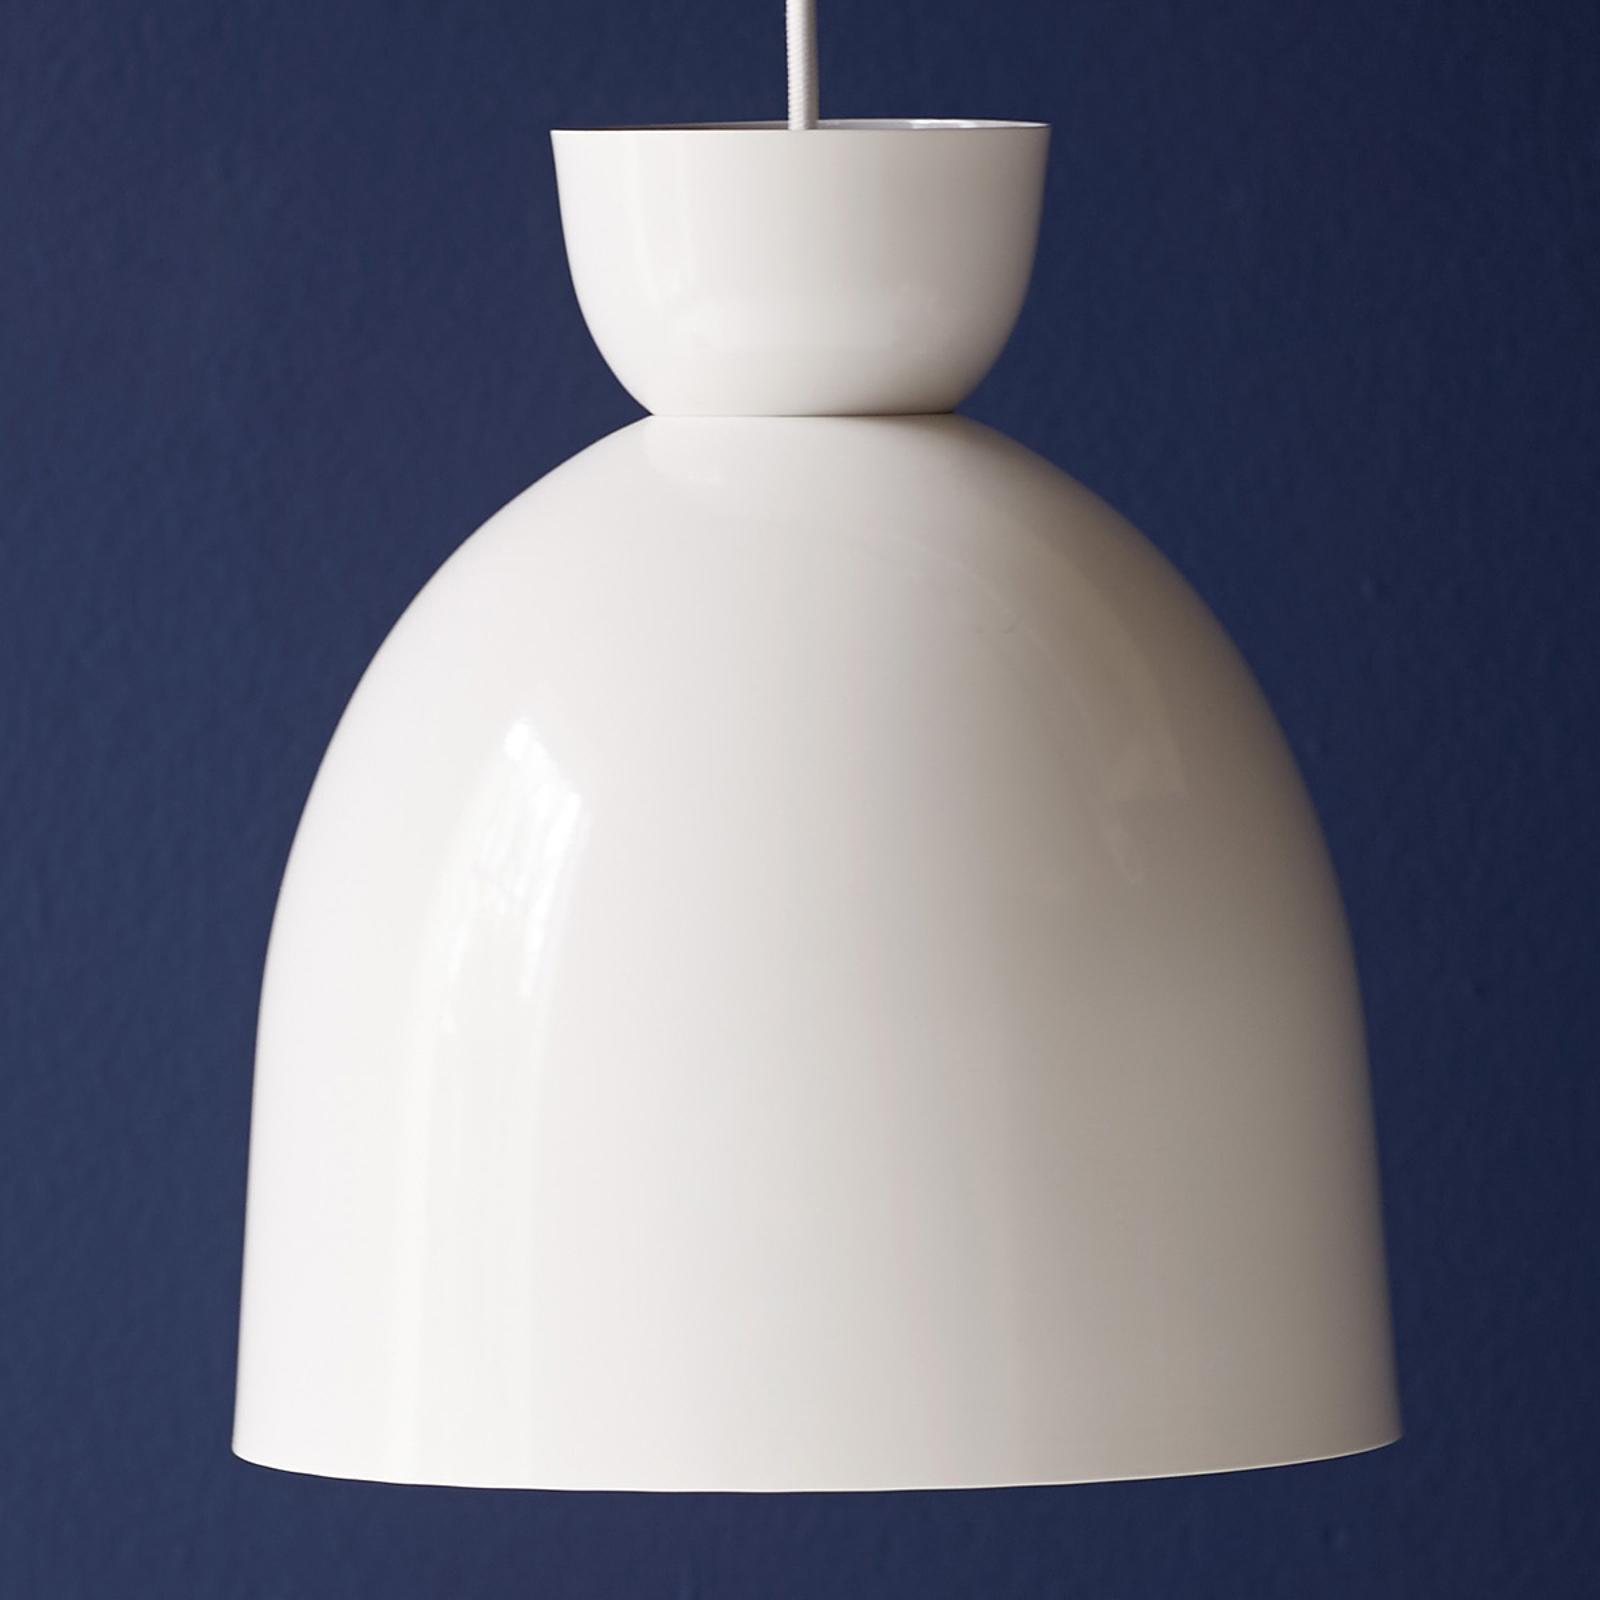 Circus - hanglamp Ø 27 cm wit